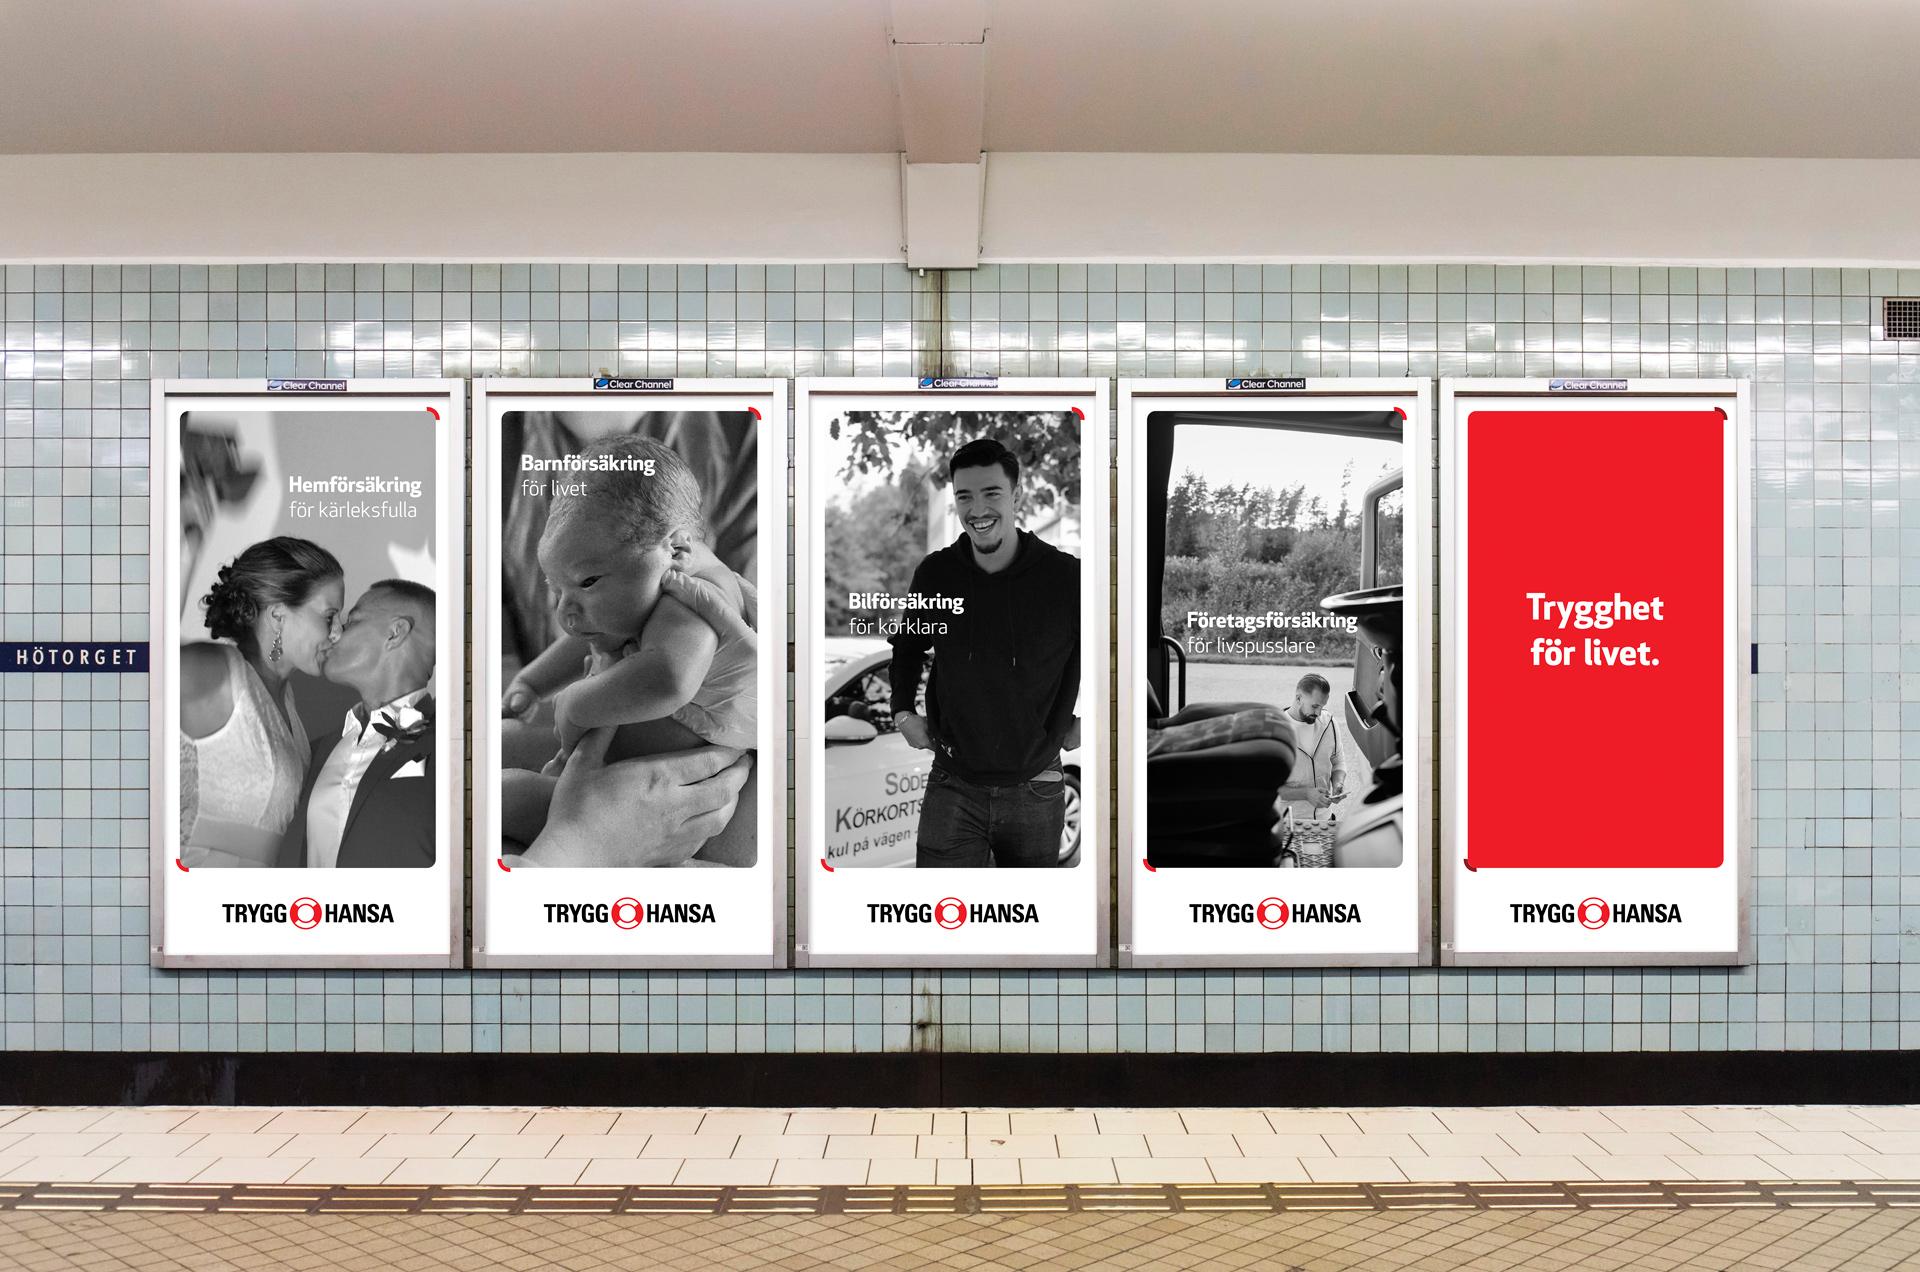 Billboard_group_of_5_transit_v2